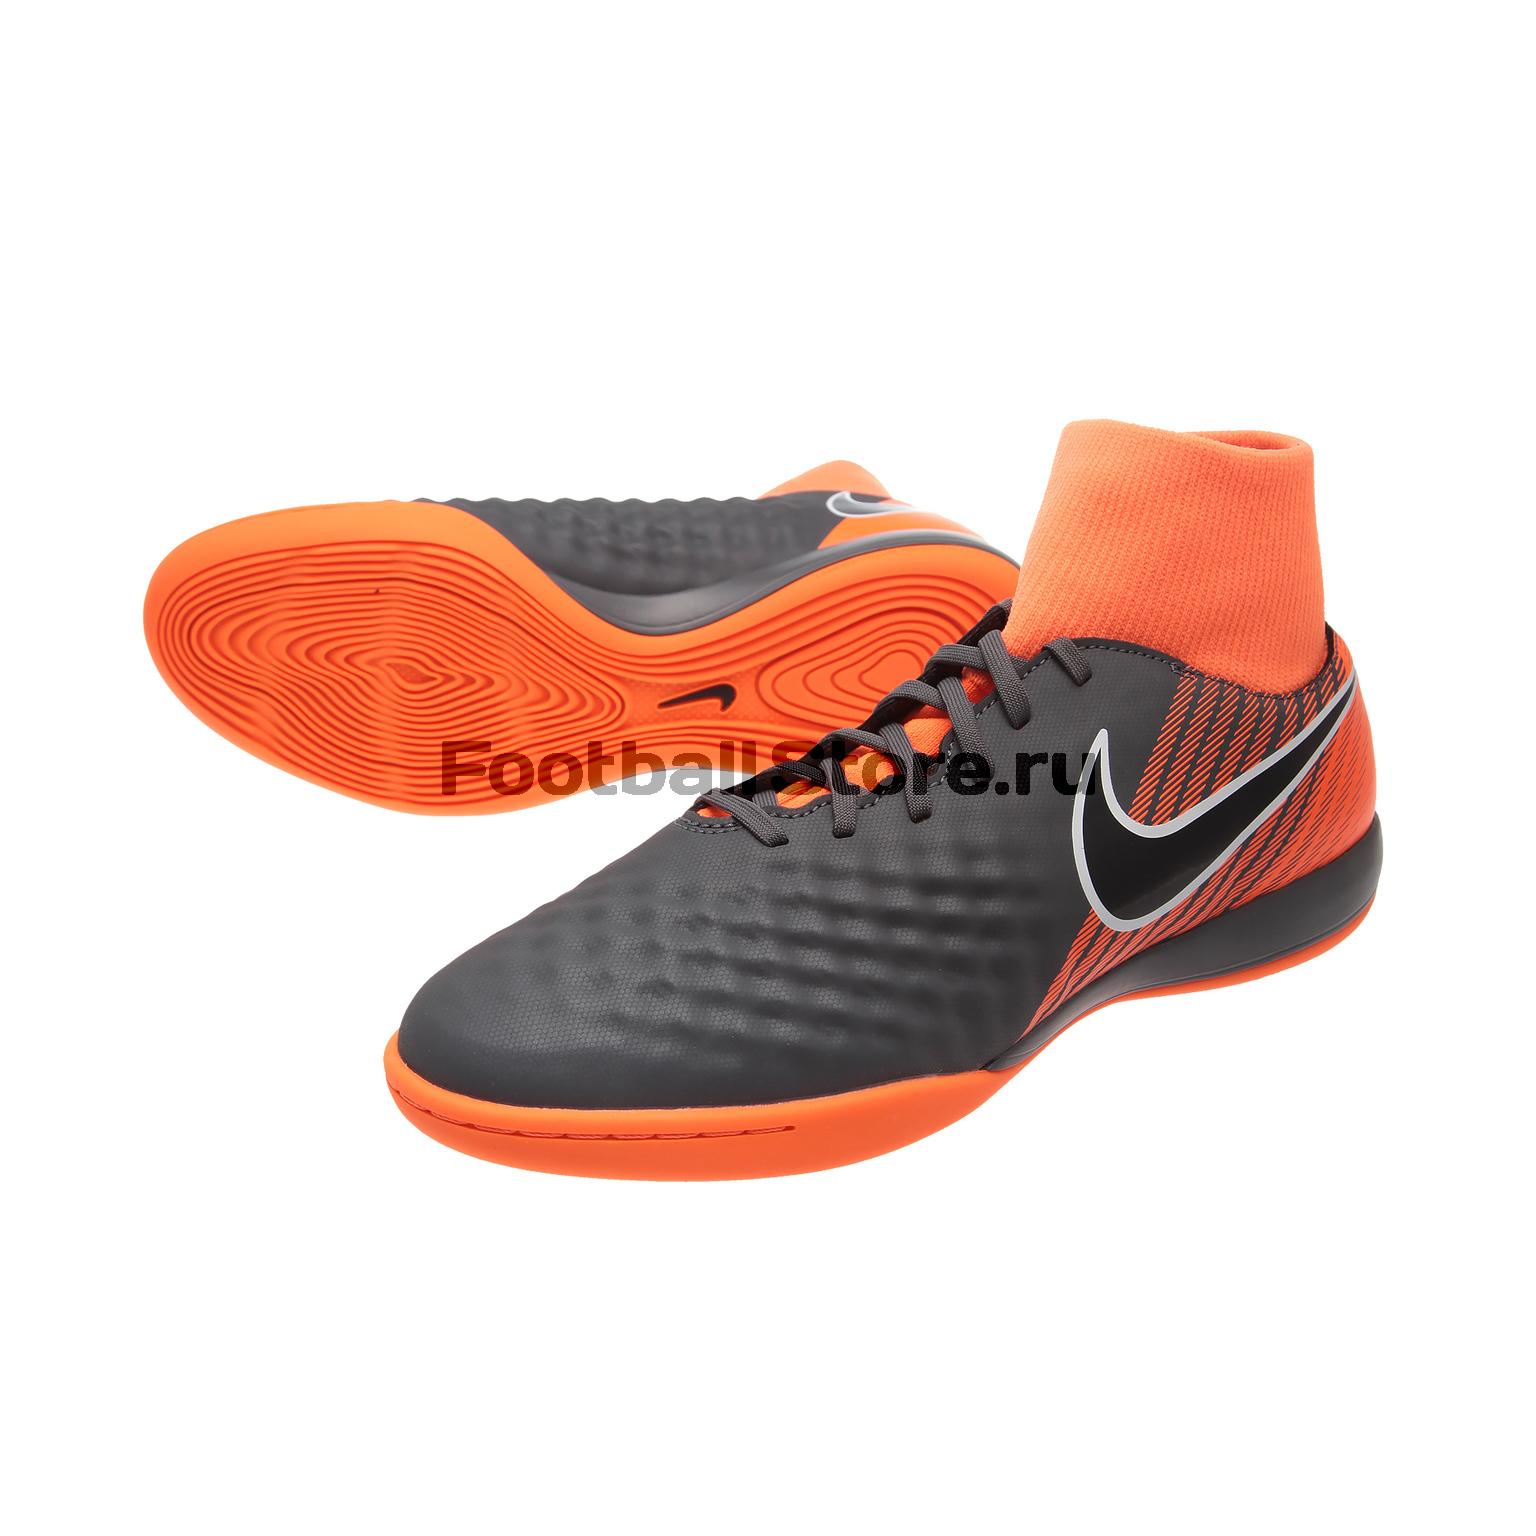 Обувь для зала Nike ObraX 2 Academy DF IC AH7309-080 бутсы футбольные nike obra ii academy df fg ah7313 080 jr детские т сер оранж